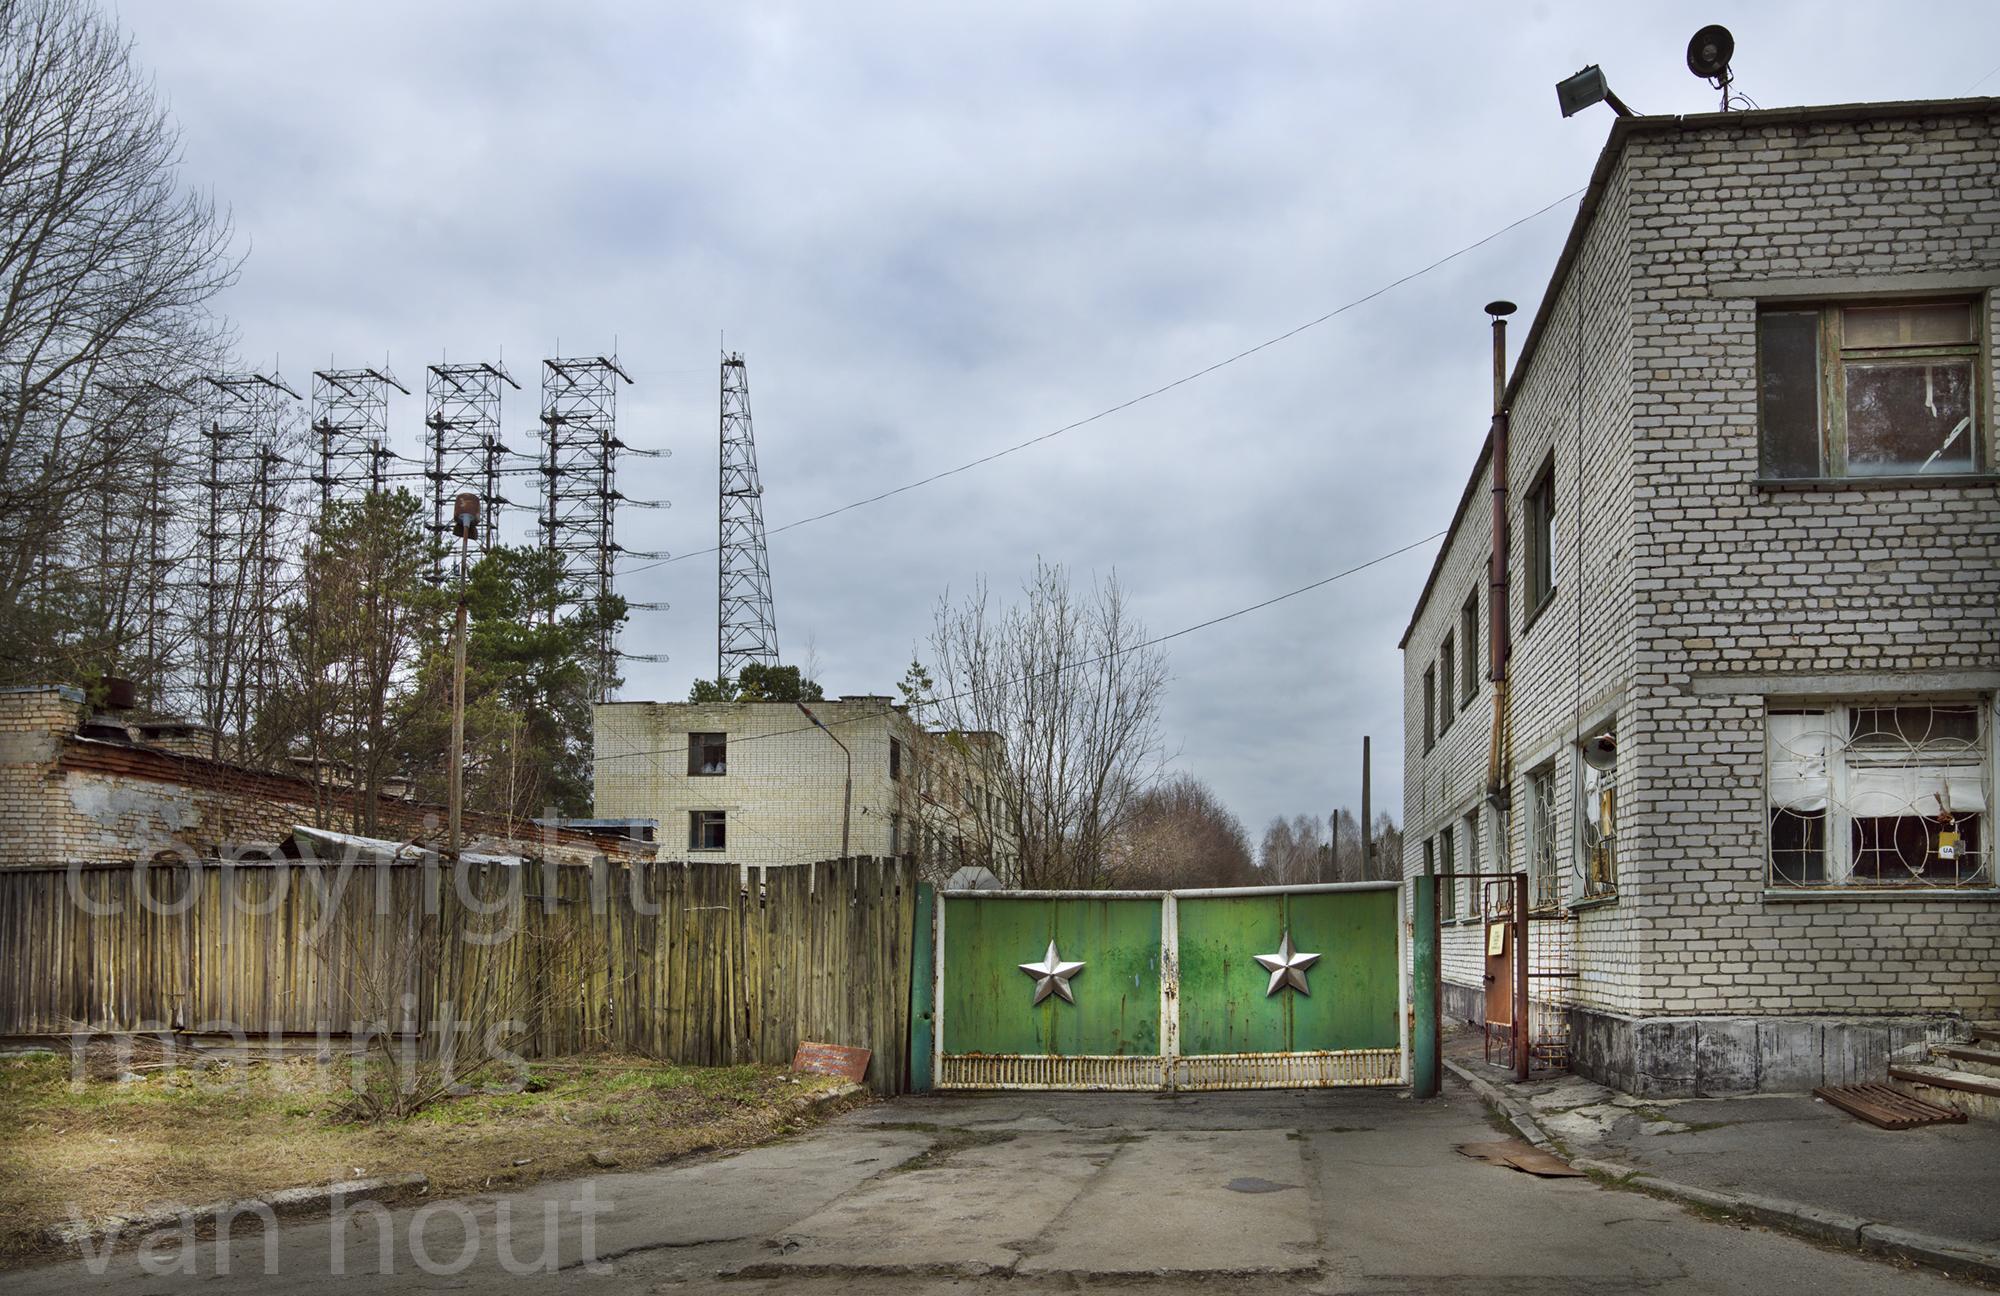 Tjernobyl 2 bestond uit een ministadje met daarbij een enorme installatie de Duga of Doega. In de Koude Oorlog gebruikt door de Sovjet Unie. Het wordt gezegd dat eenderde van de stroomproductie van Tjernobyl geproduceerd werd voor deze installatie. Op de foto de toegangspoort naar het complex van de Duga.